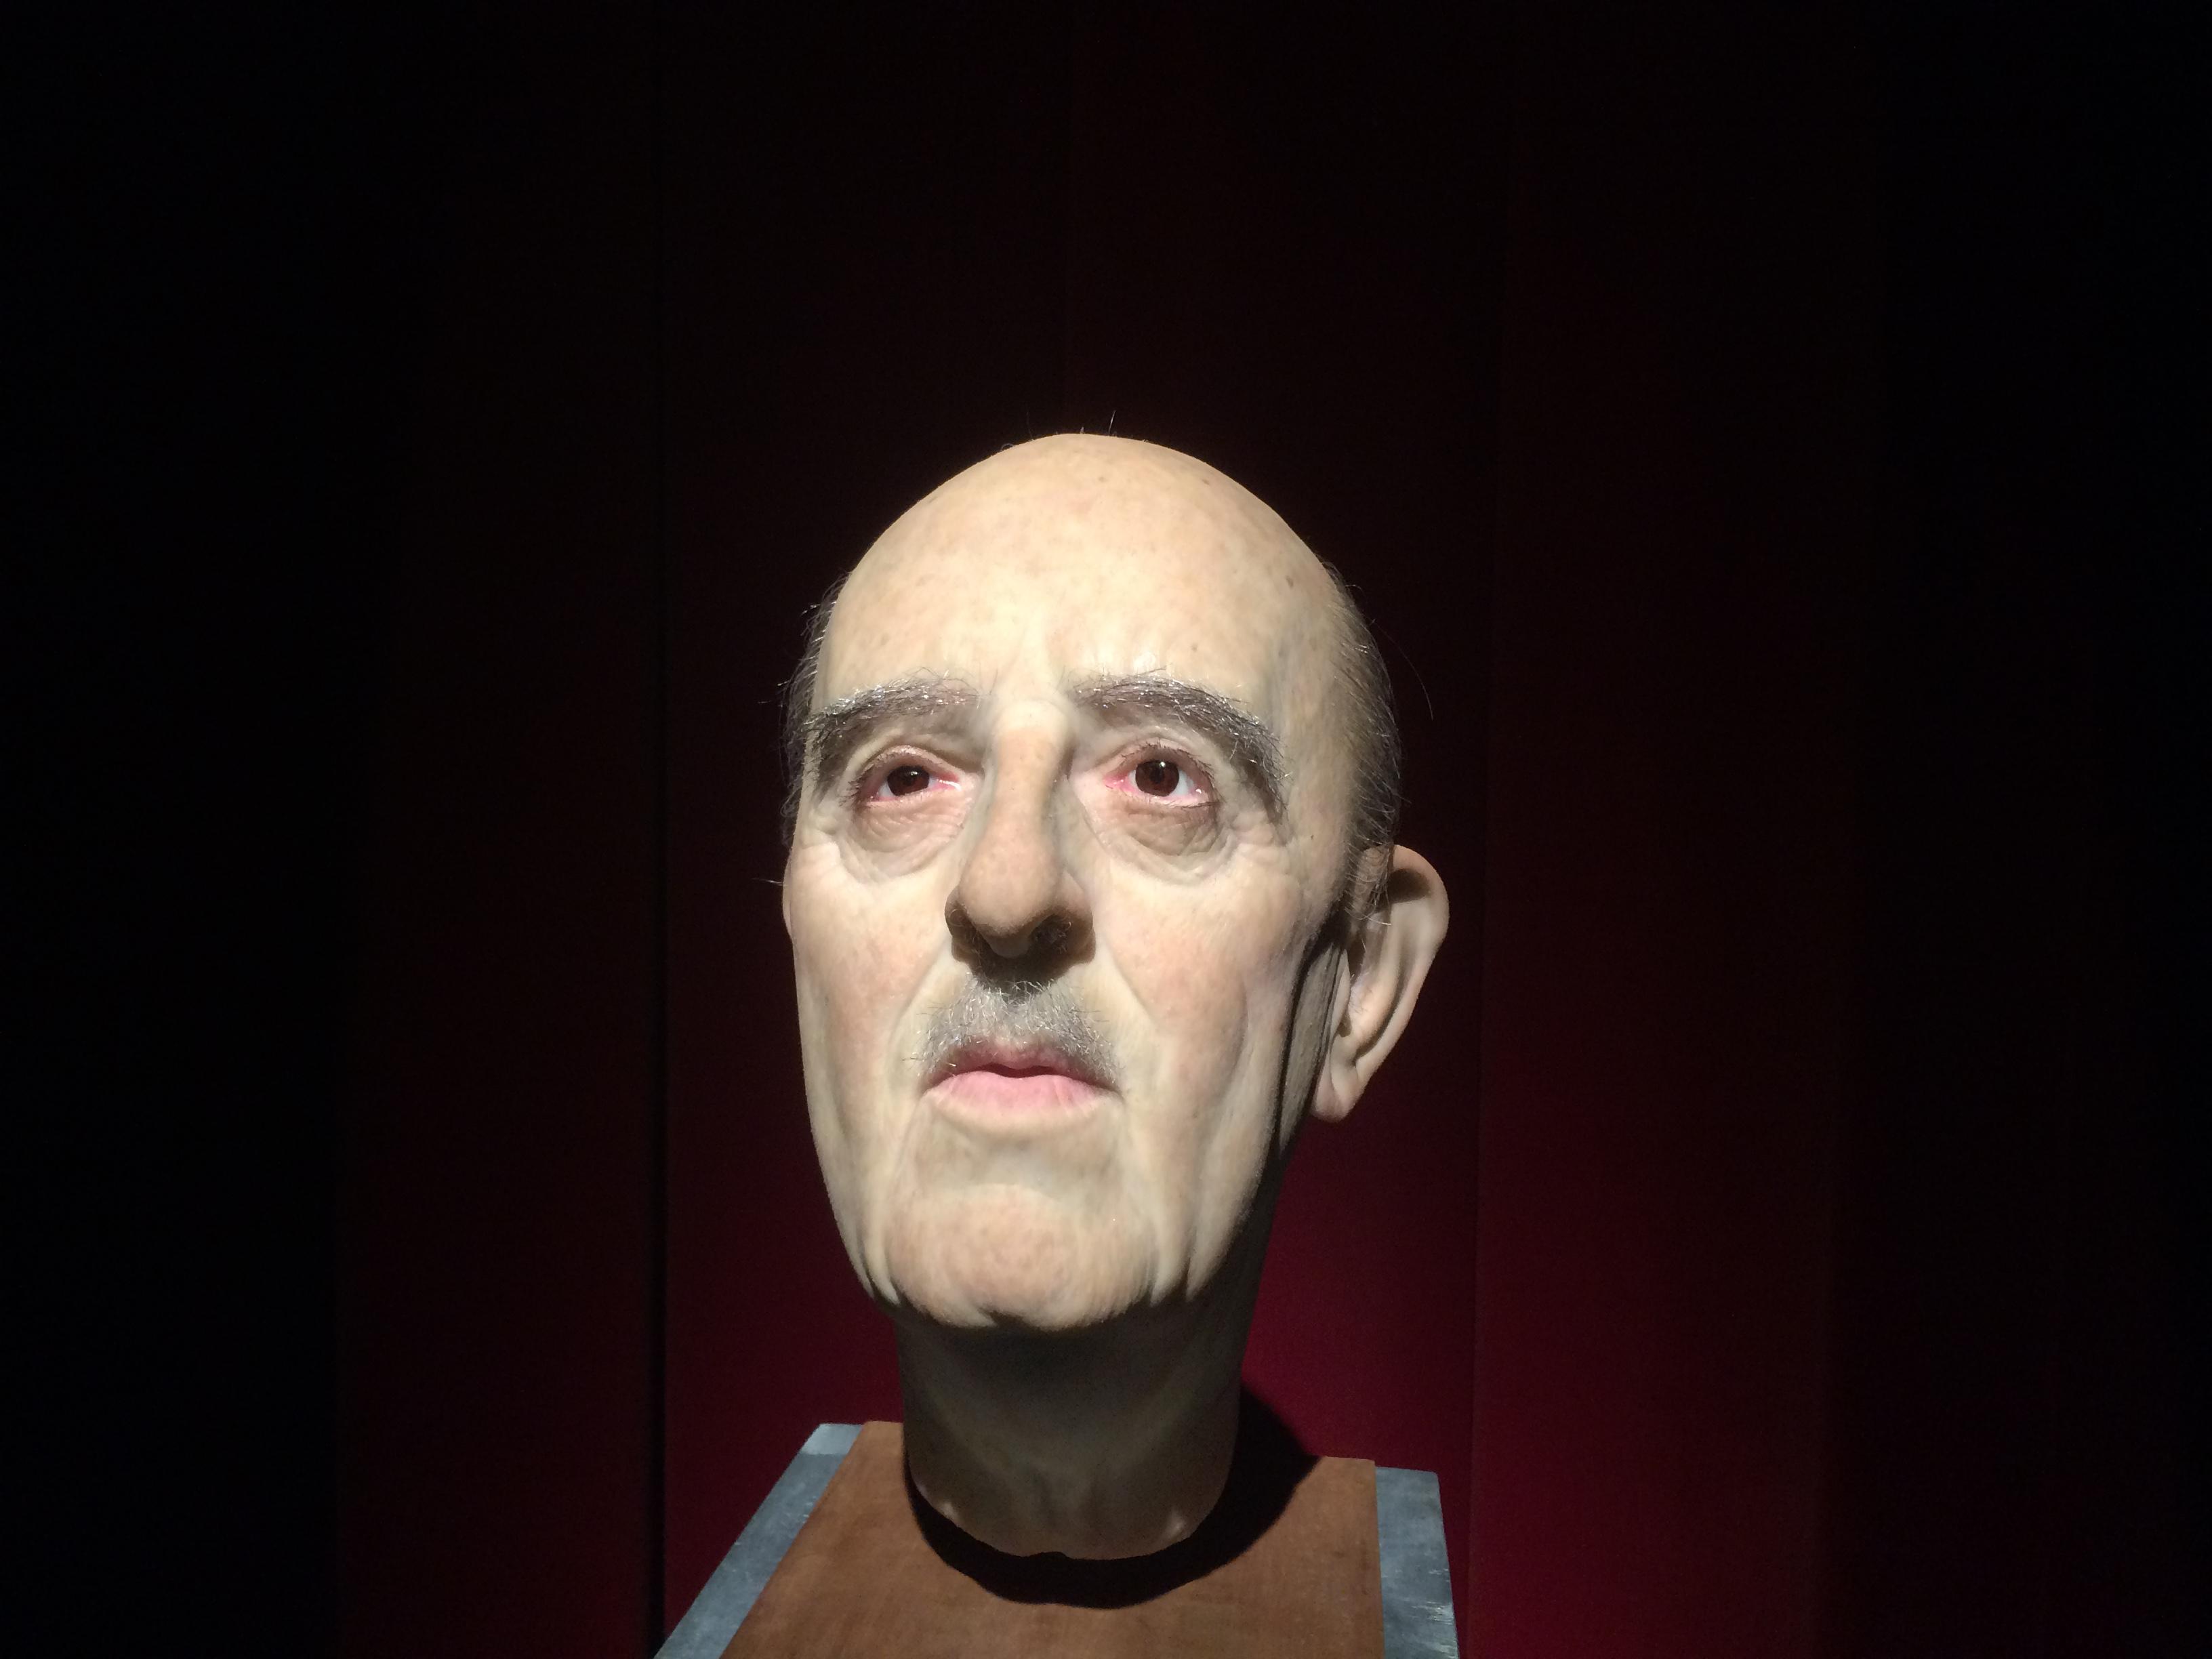 Bust de Franco exposat a la mostra 'Franco, Victòria, República', que es pot veure al Born CCM fins al 8 de gener de 2017